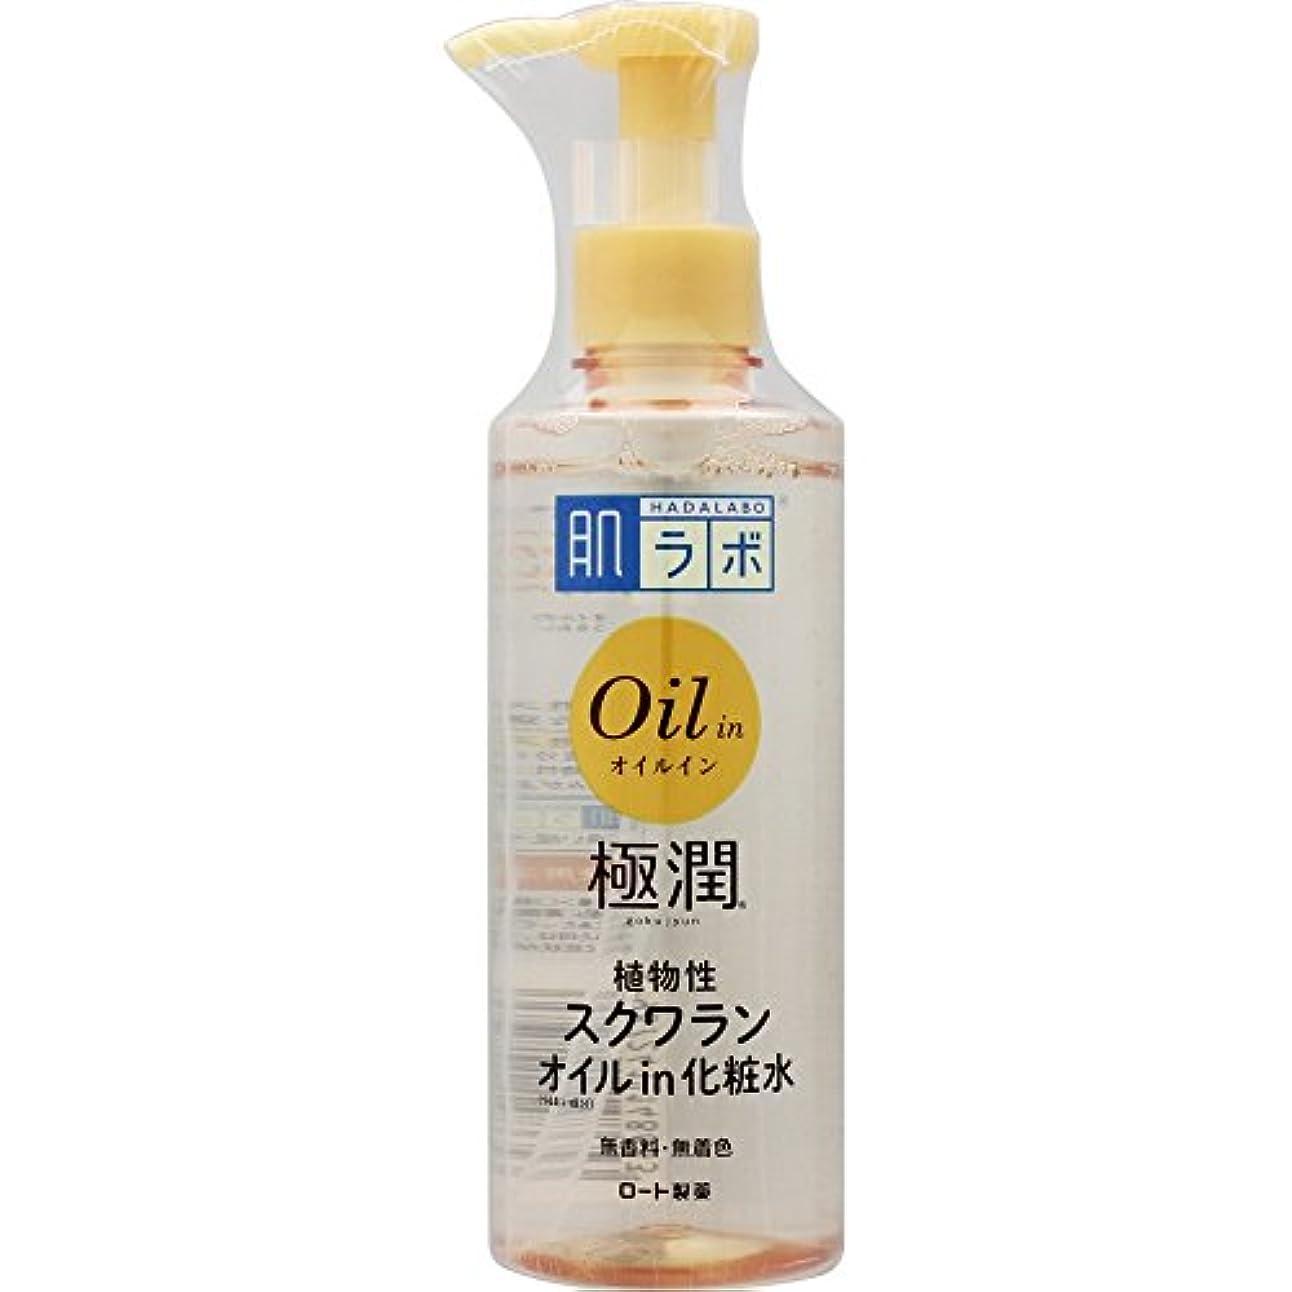 はがき手のひらグラディス肌ラボ 極潤オイルイン化粧水 植物性スクワランオイル配合 220ml